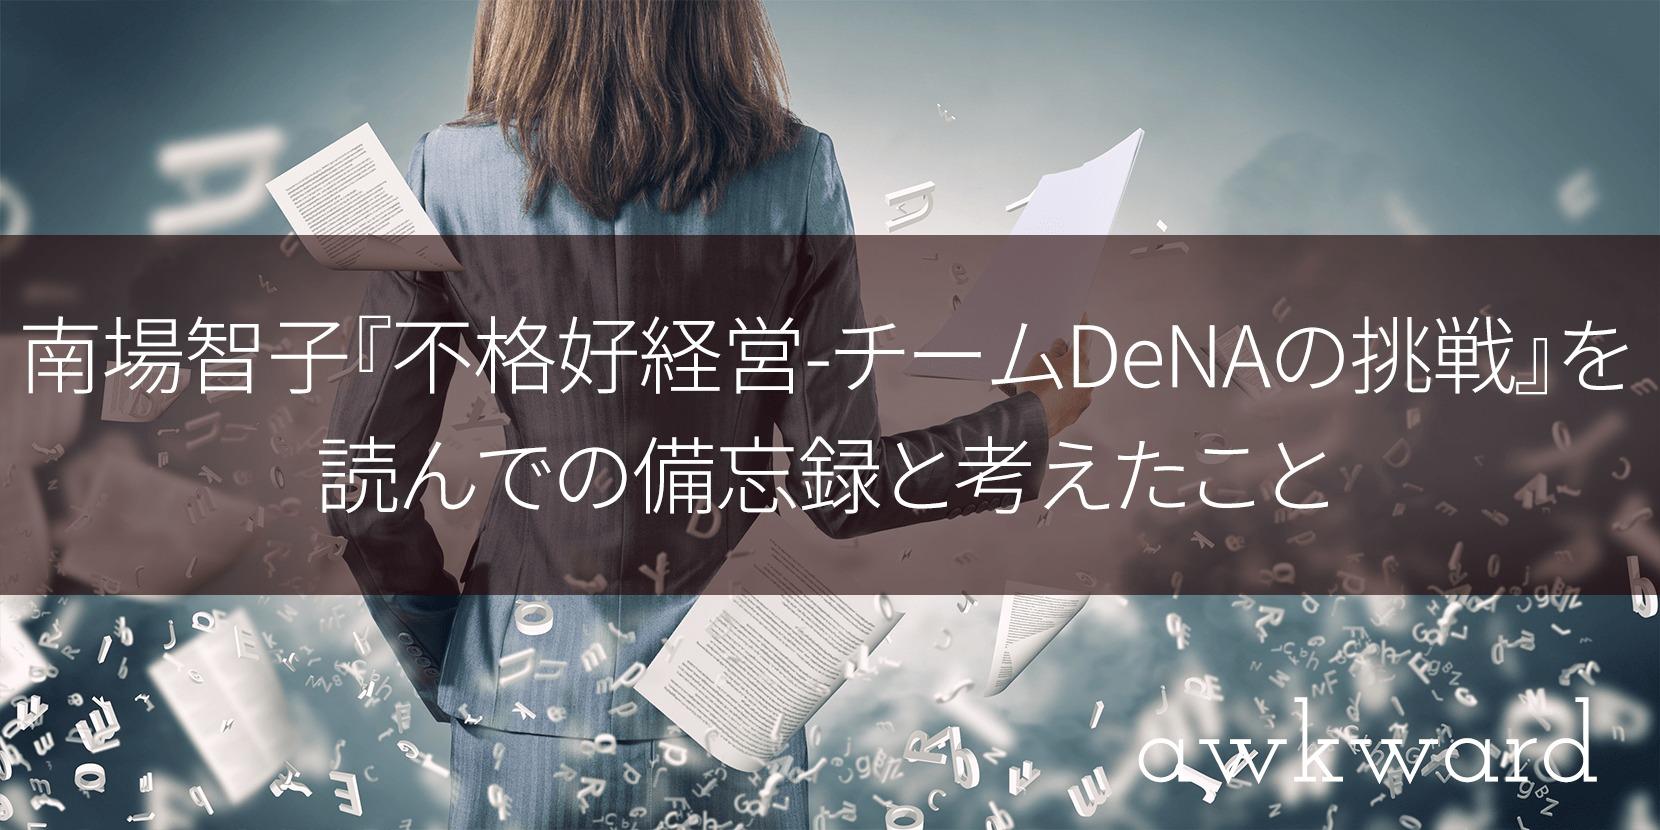 南場智子『不格好経営-チームDeNAの挑戦』を読んでの備忘録と考えたこと